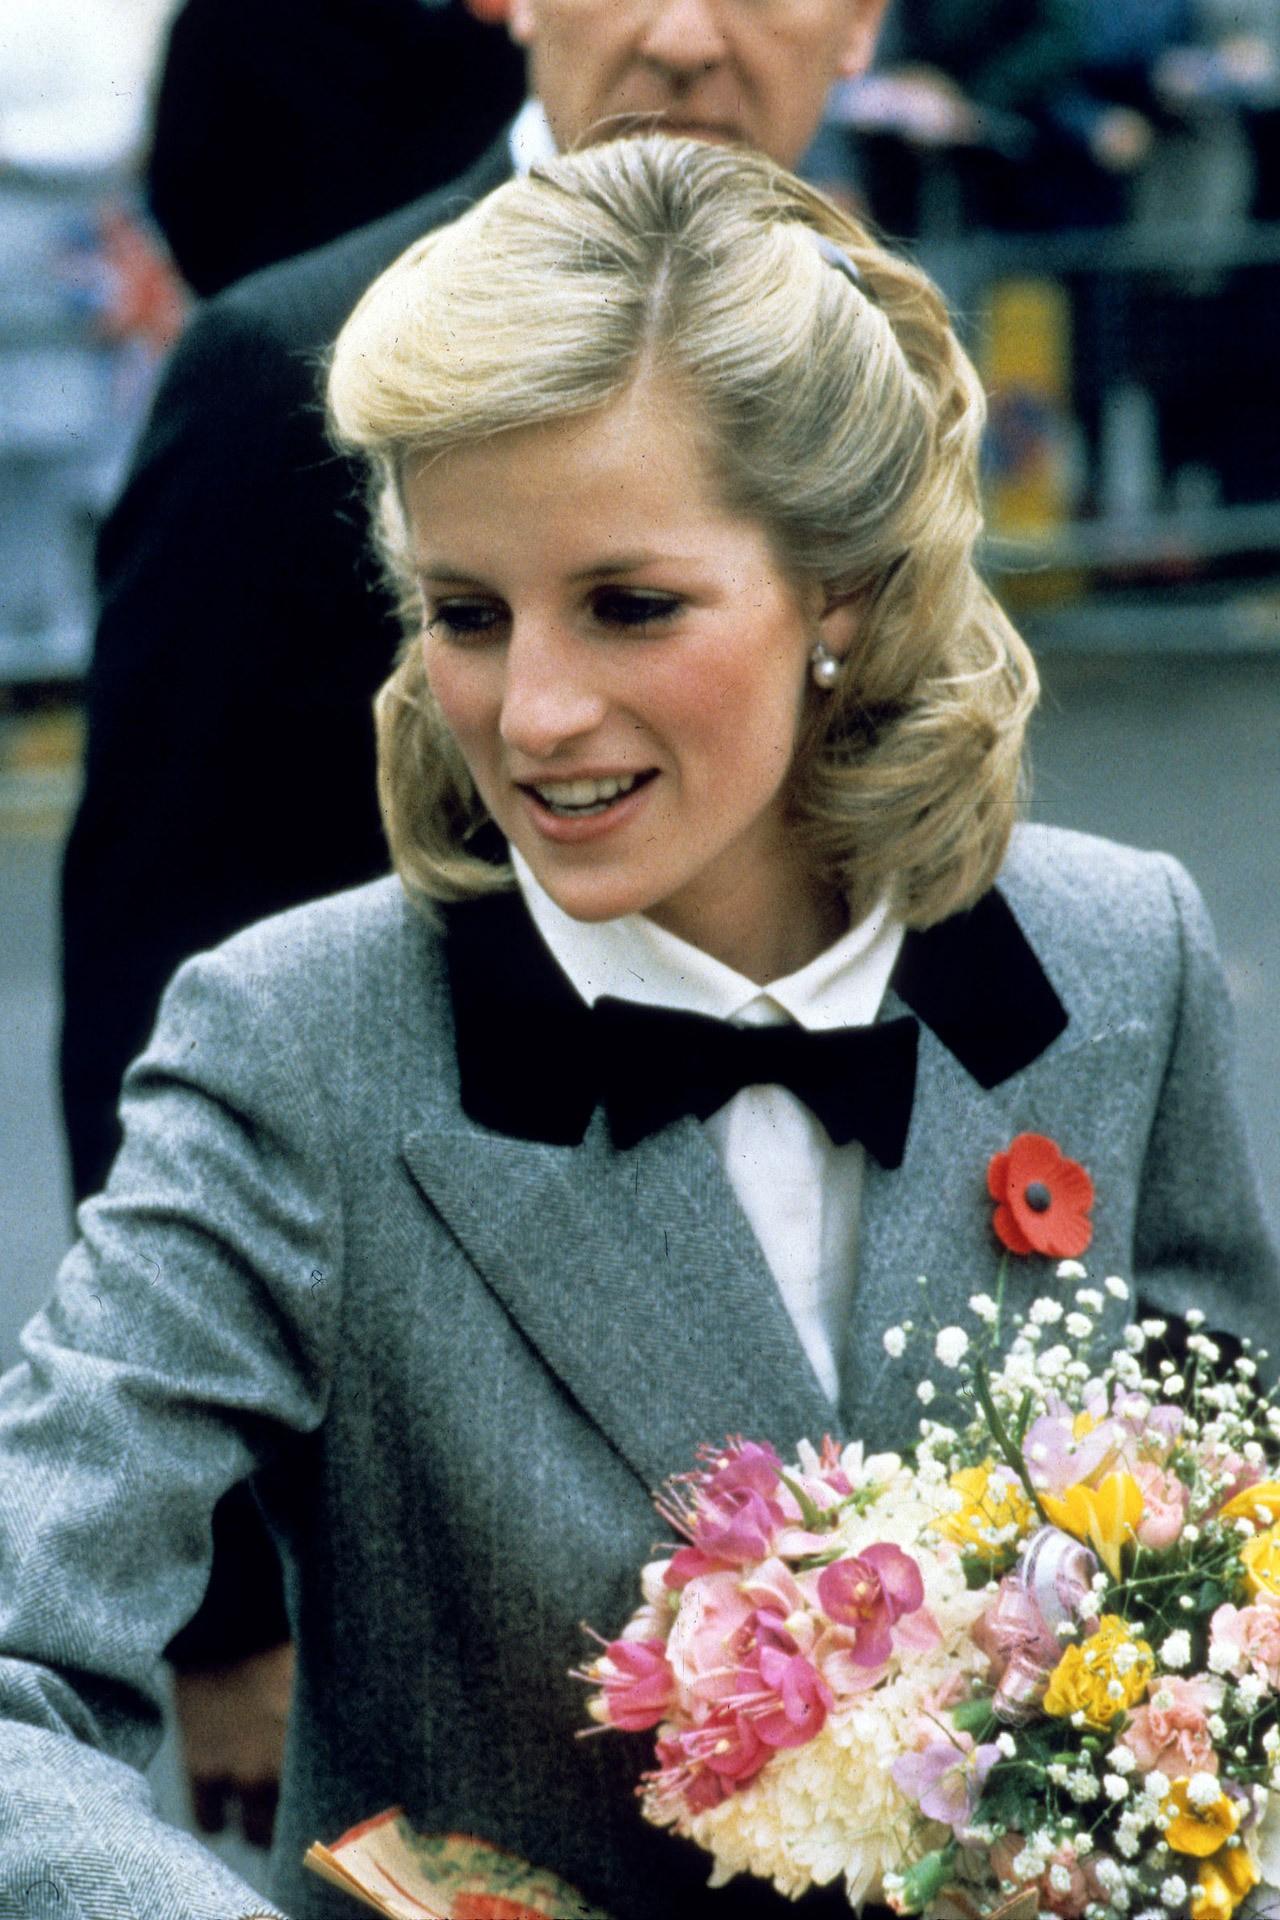 Mấy ai để ý rằng Công nương Diana cũng có 1 thời để tóc lỡ vai đầy dịu dàng và trang nhã đến vậy-5